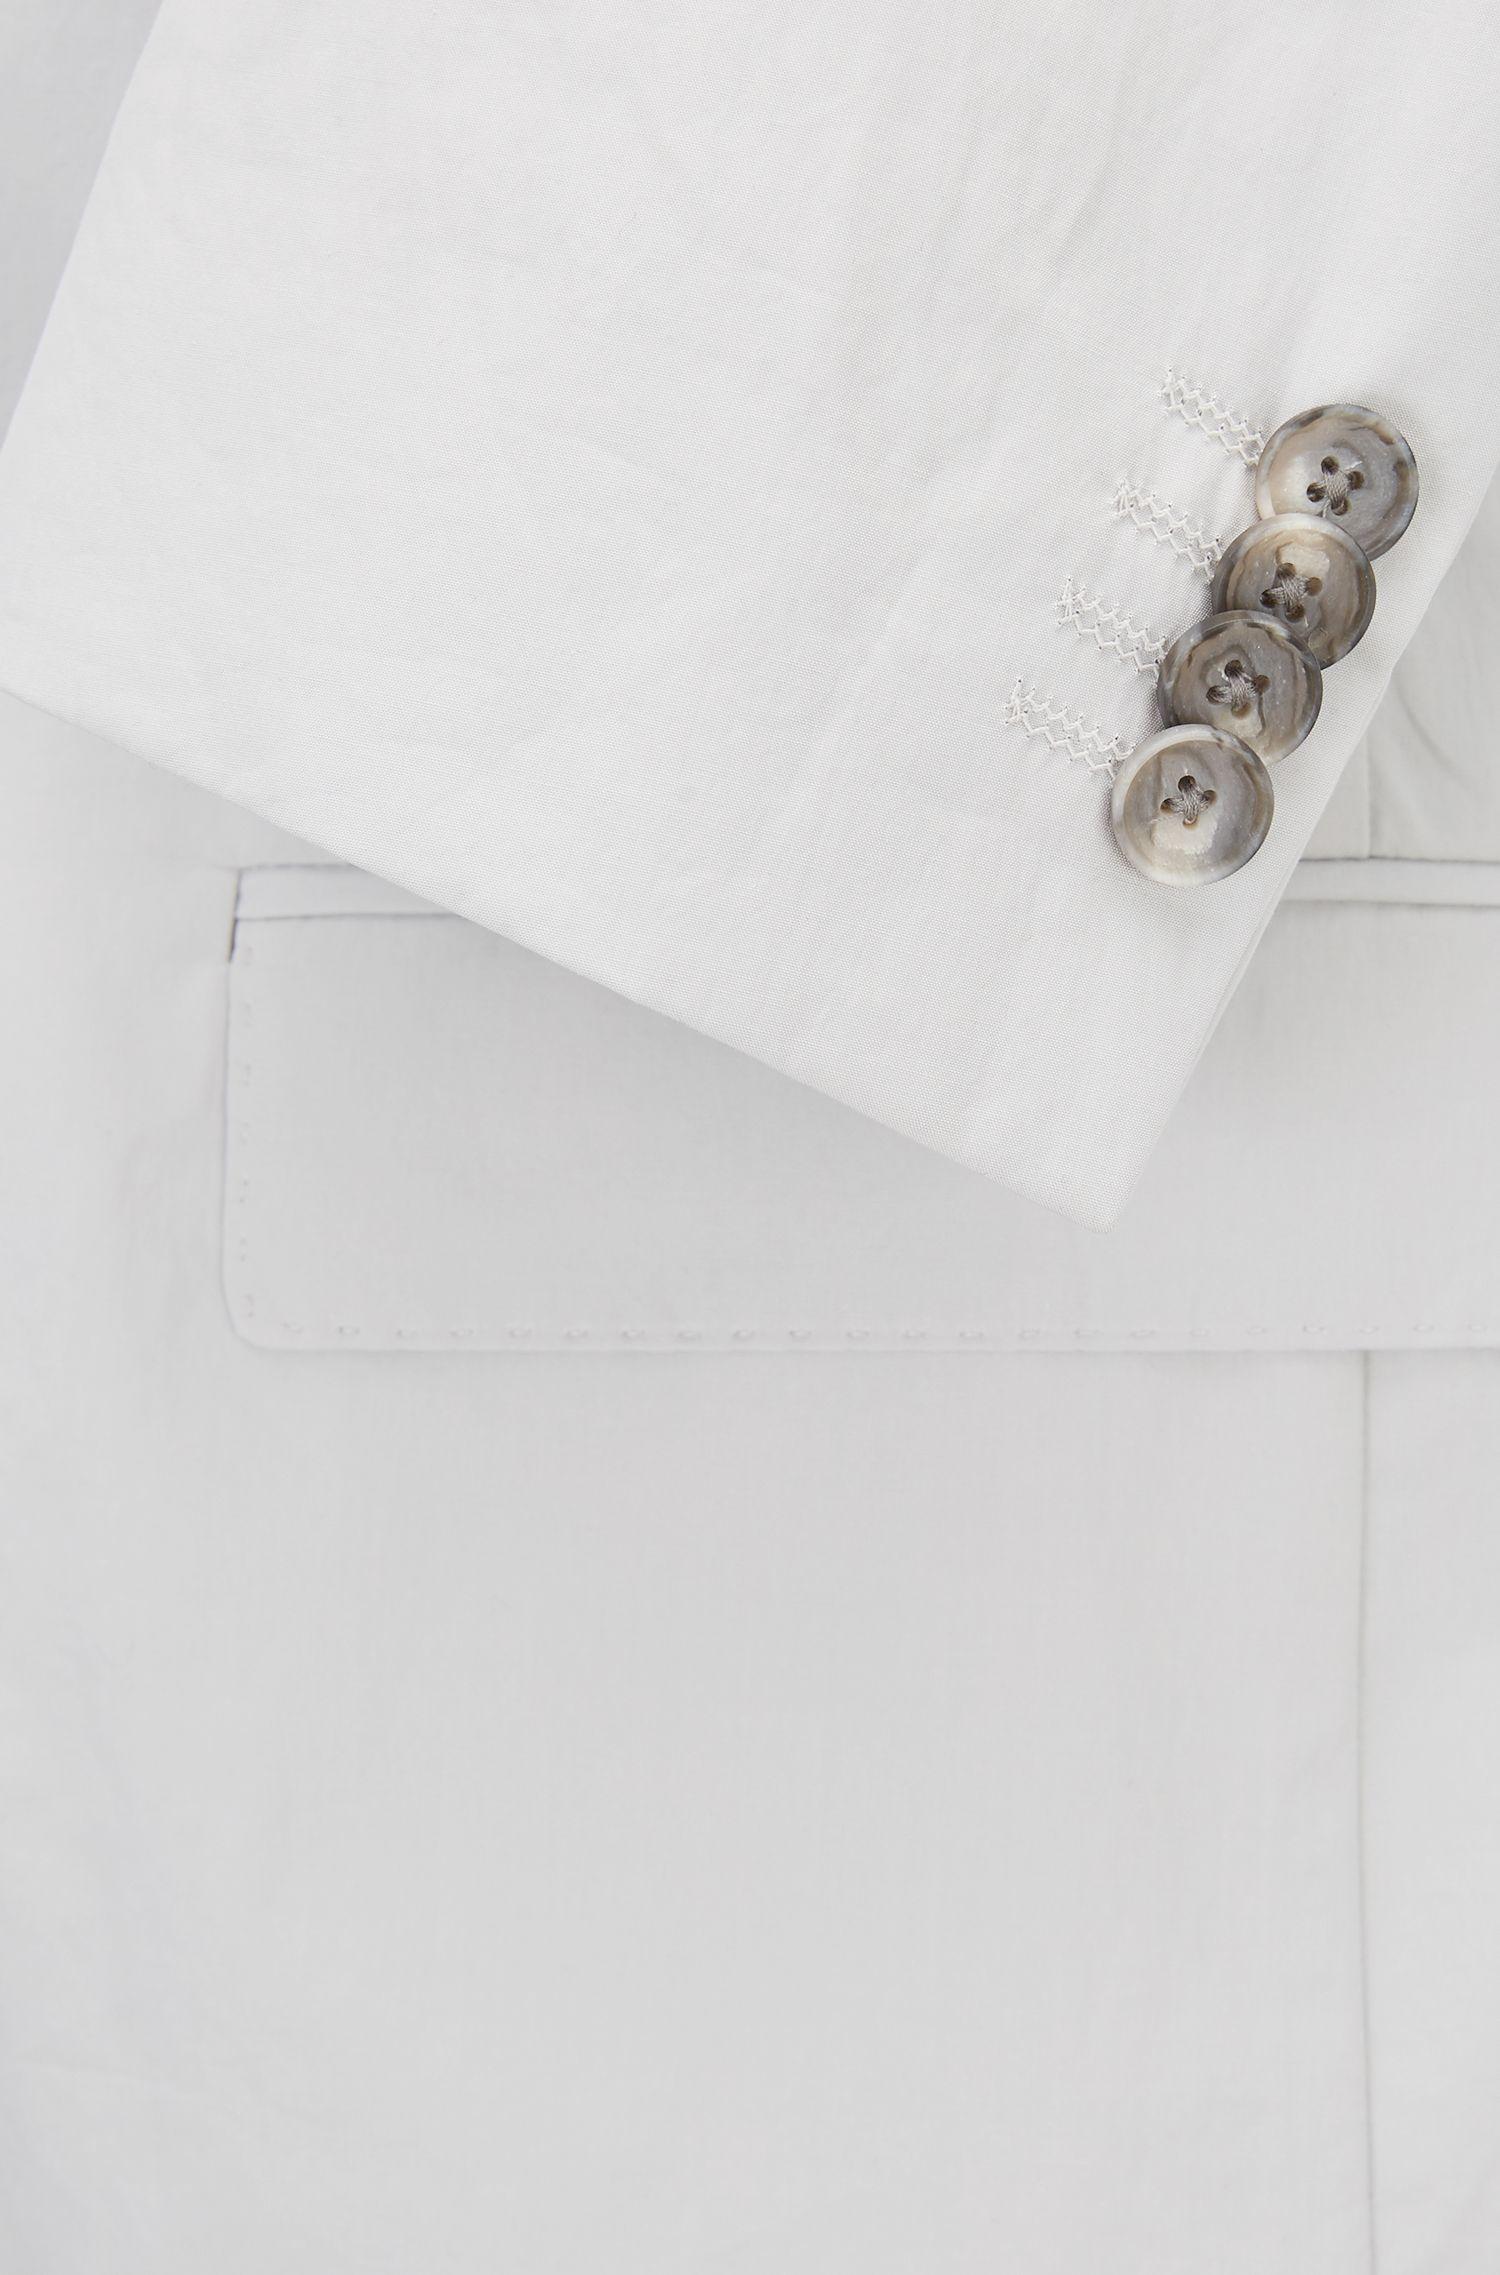 Blazer slim fit en popelín de algodón con tacto de papel, Gris claro